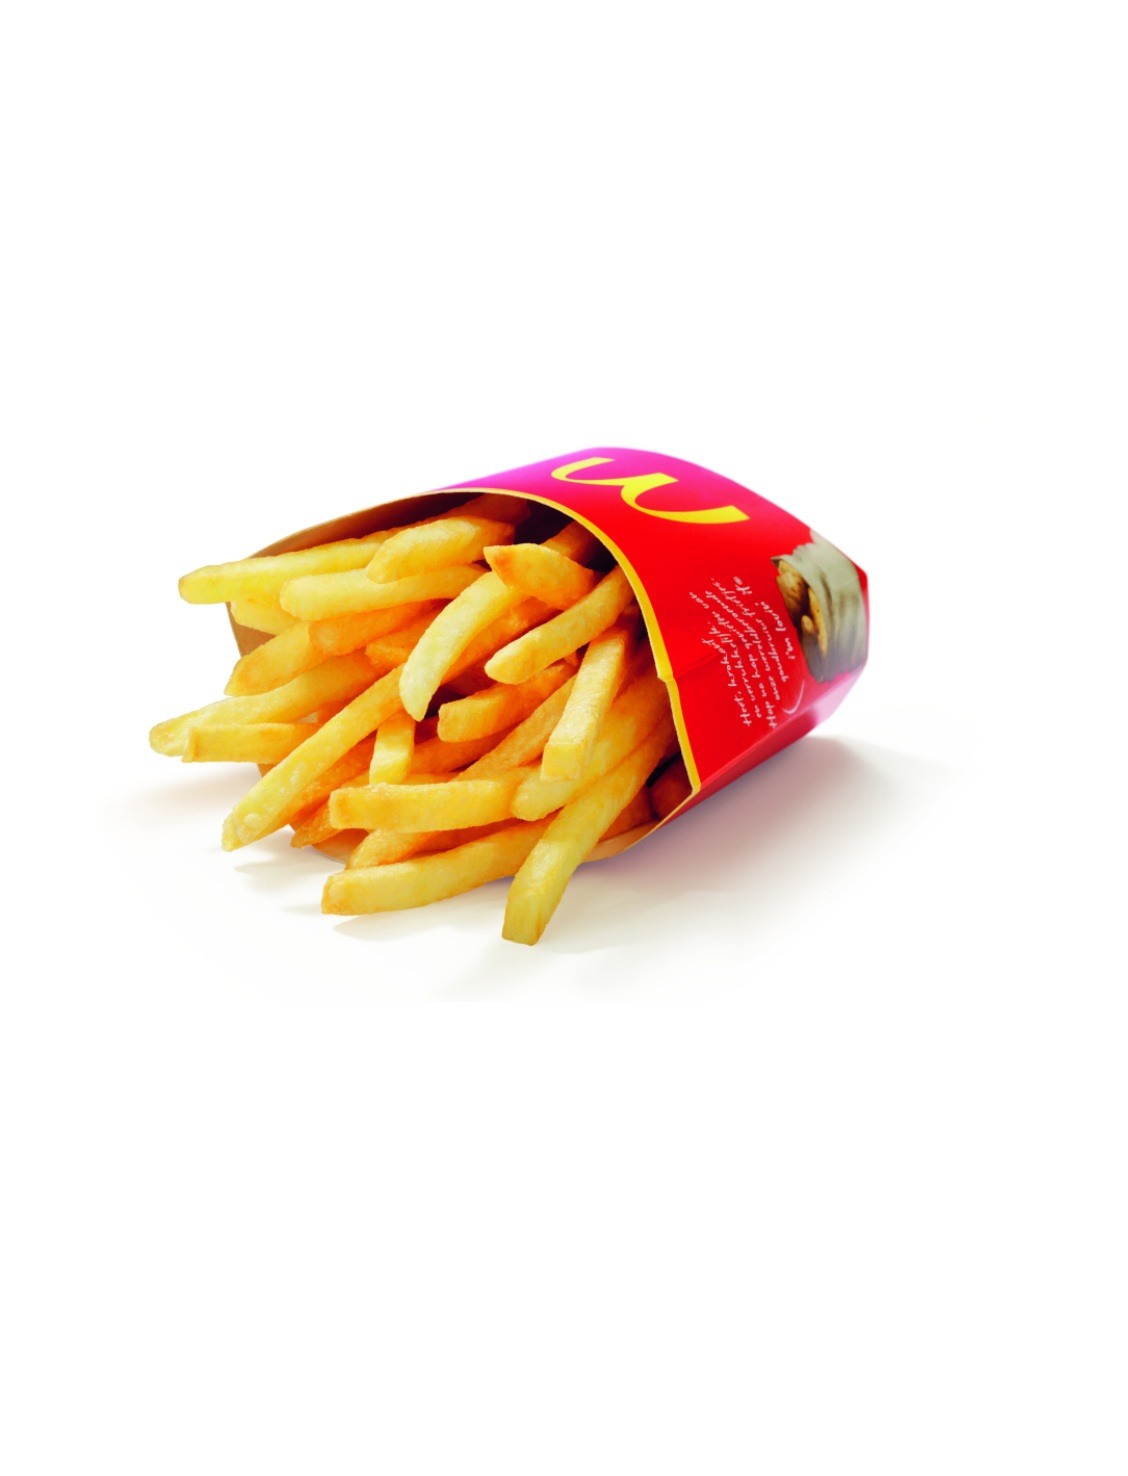 Zo zit dat: Franse Frietjes bij McDonald's